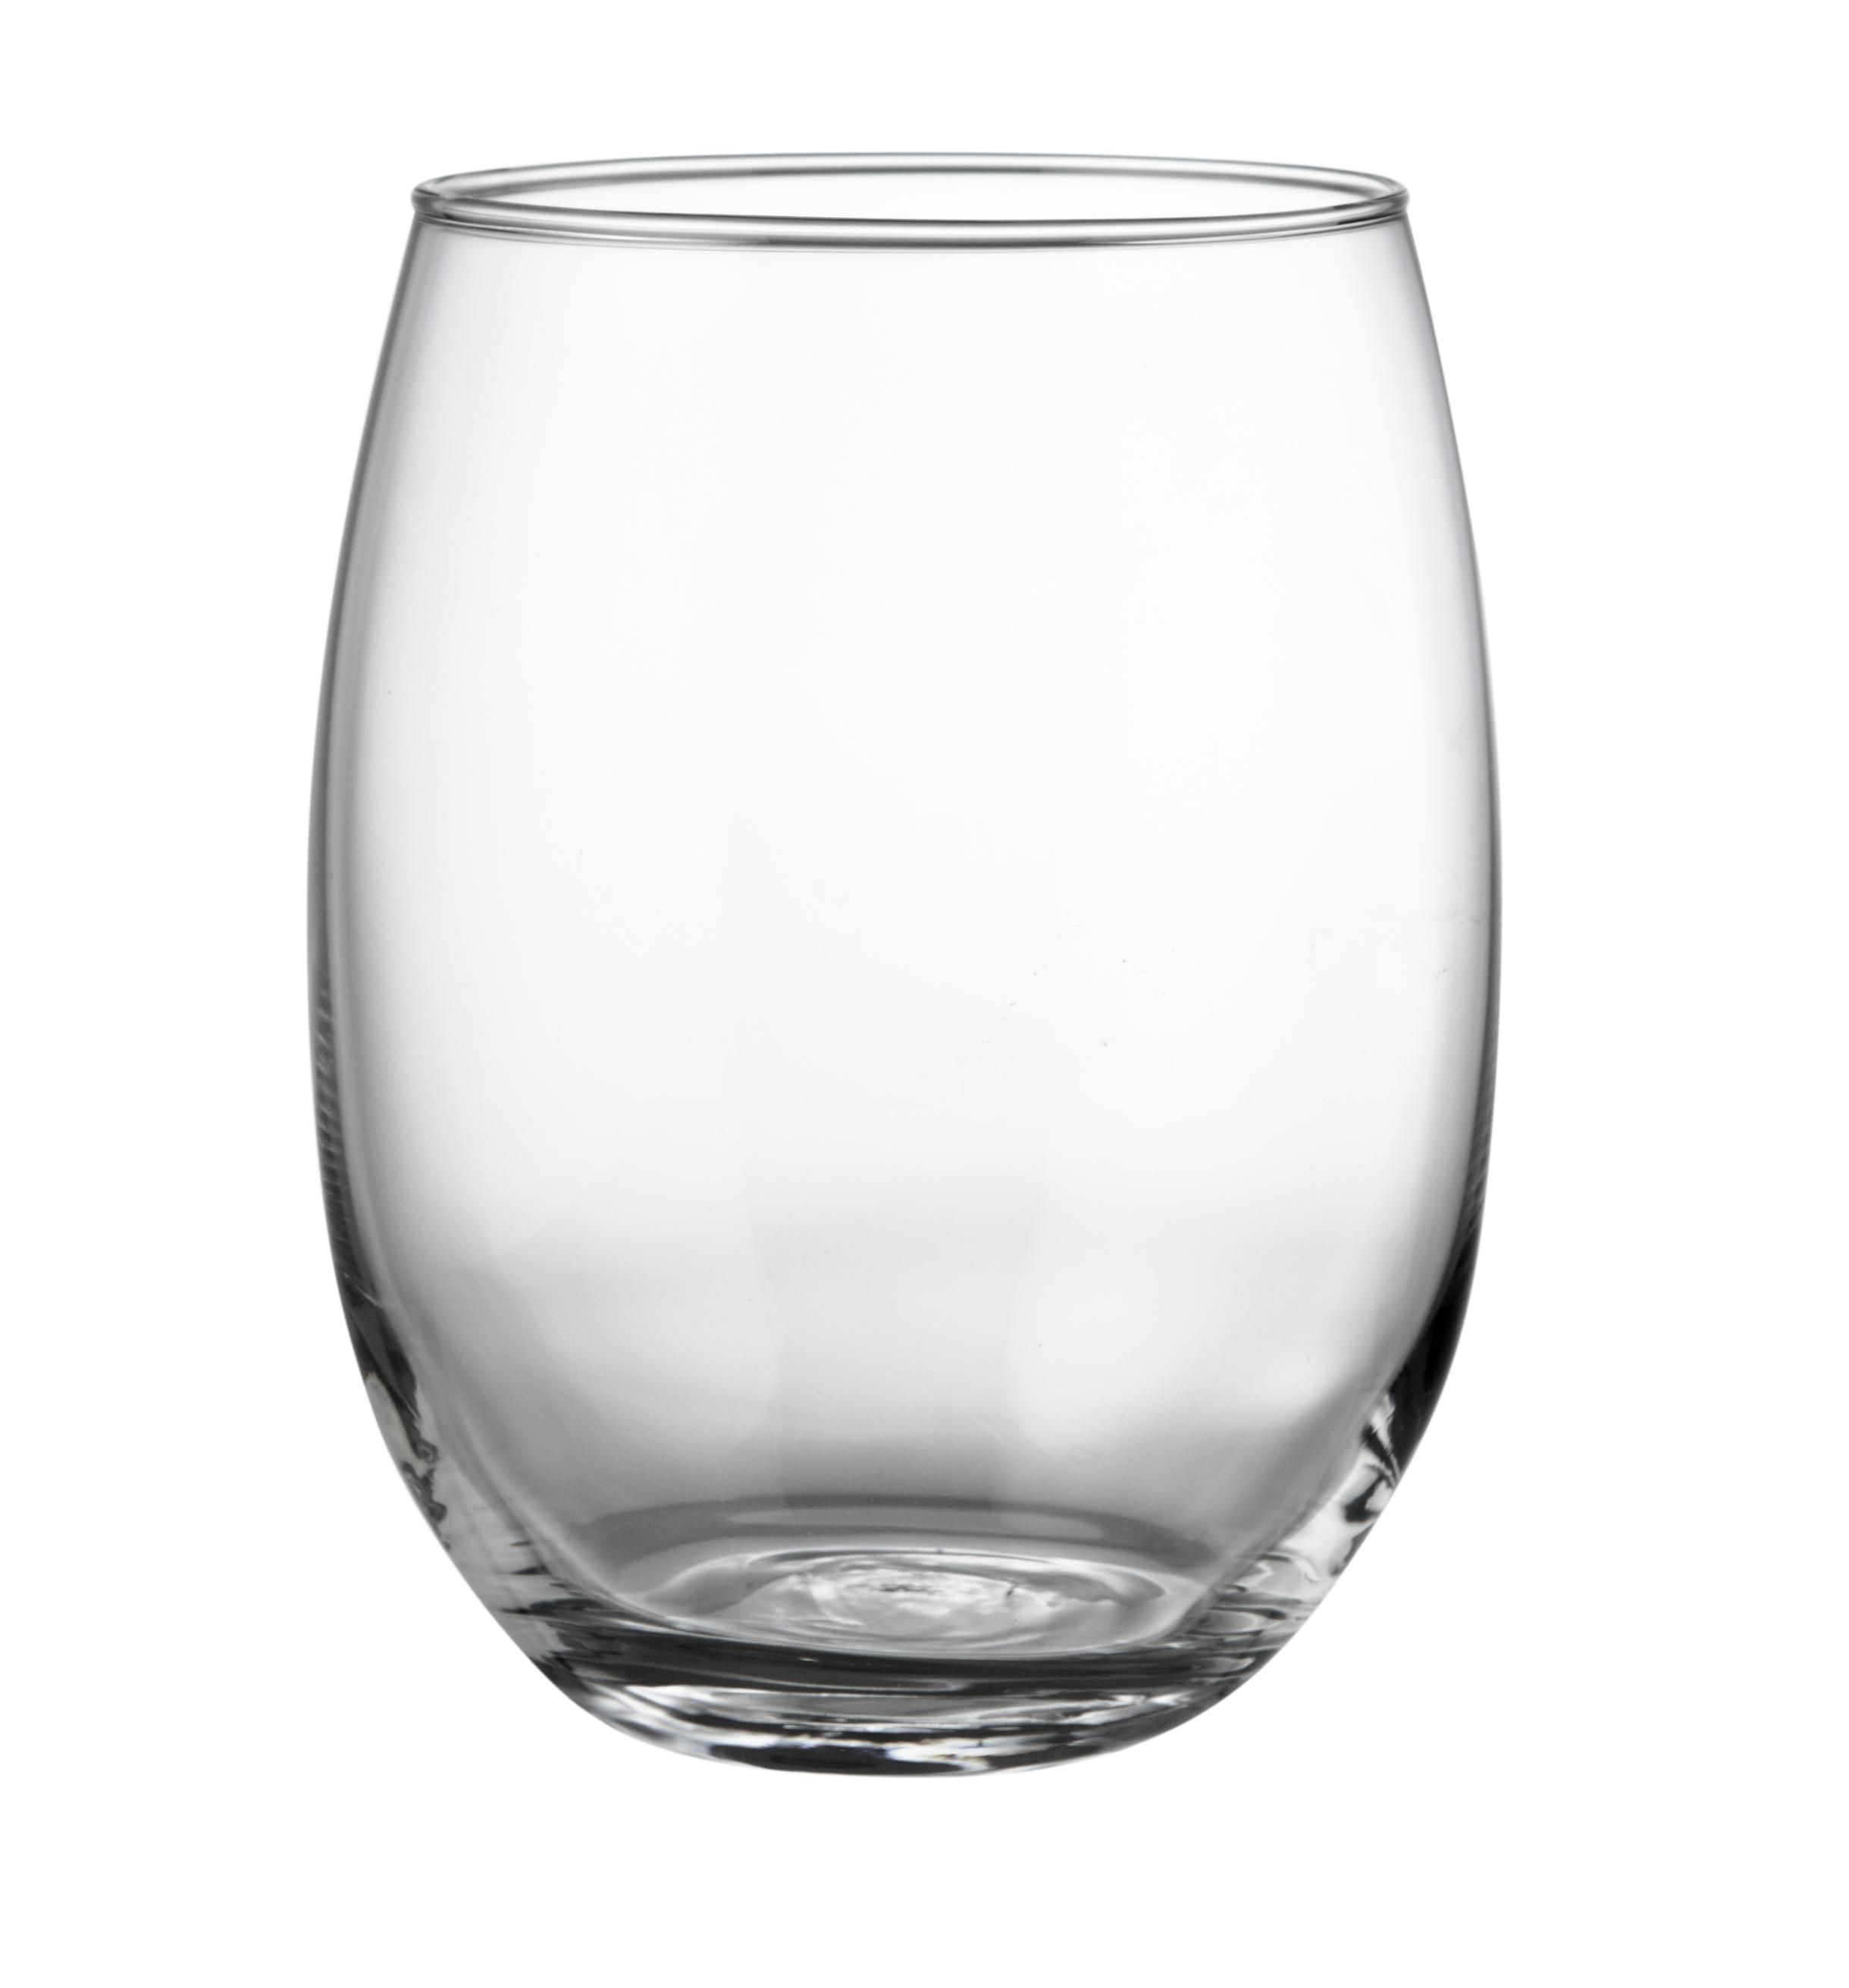 Waterglas Syrah 35 cl, per 12 stuks